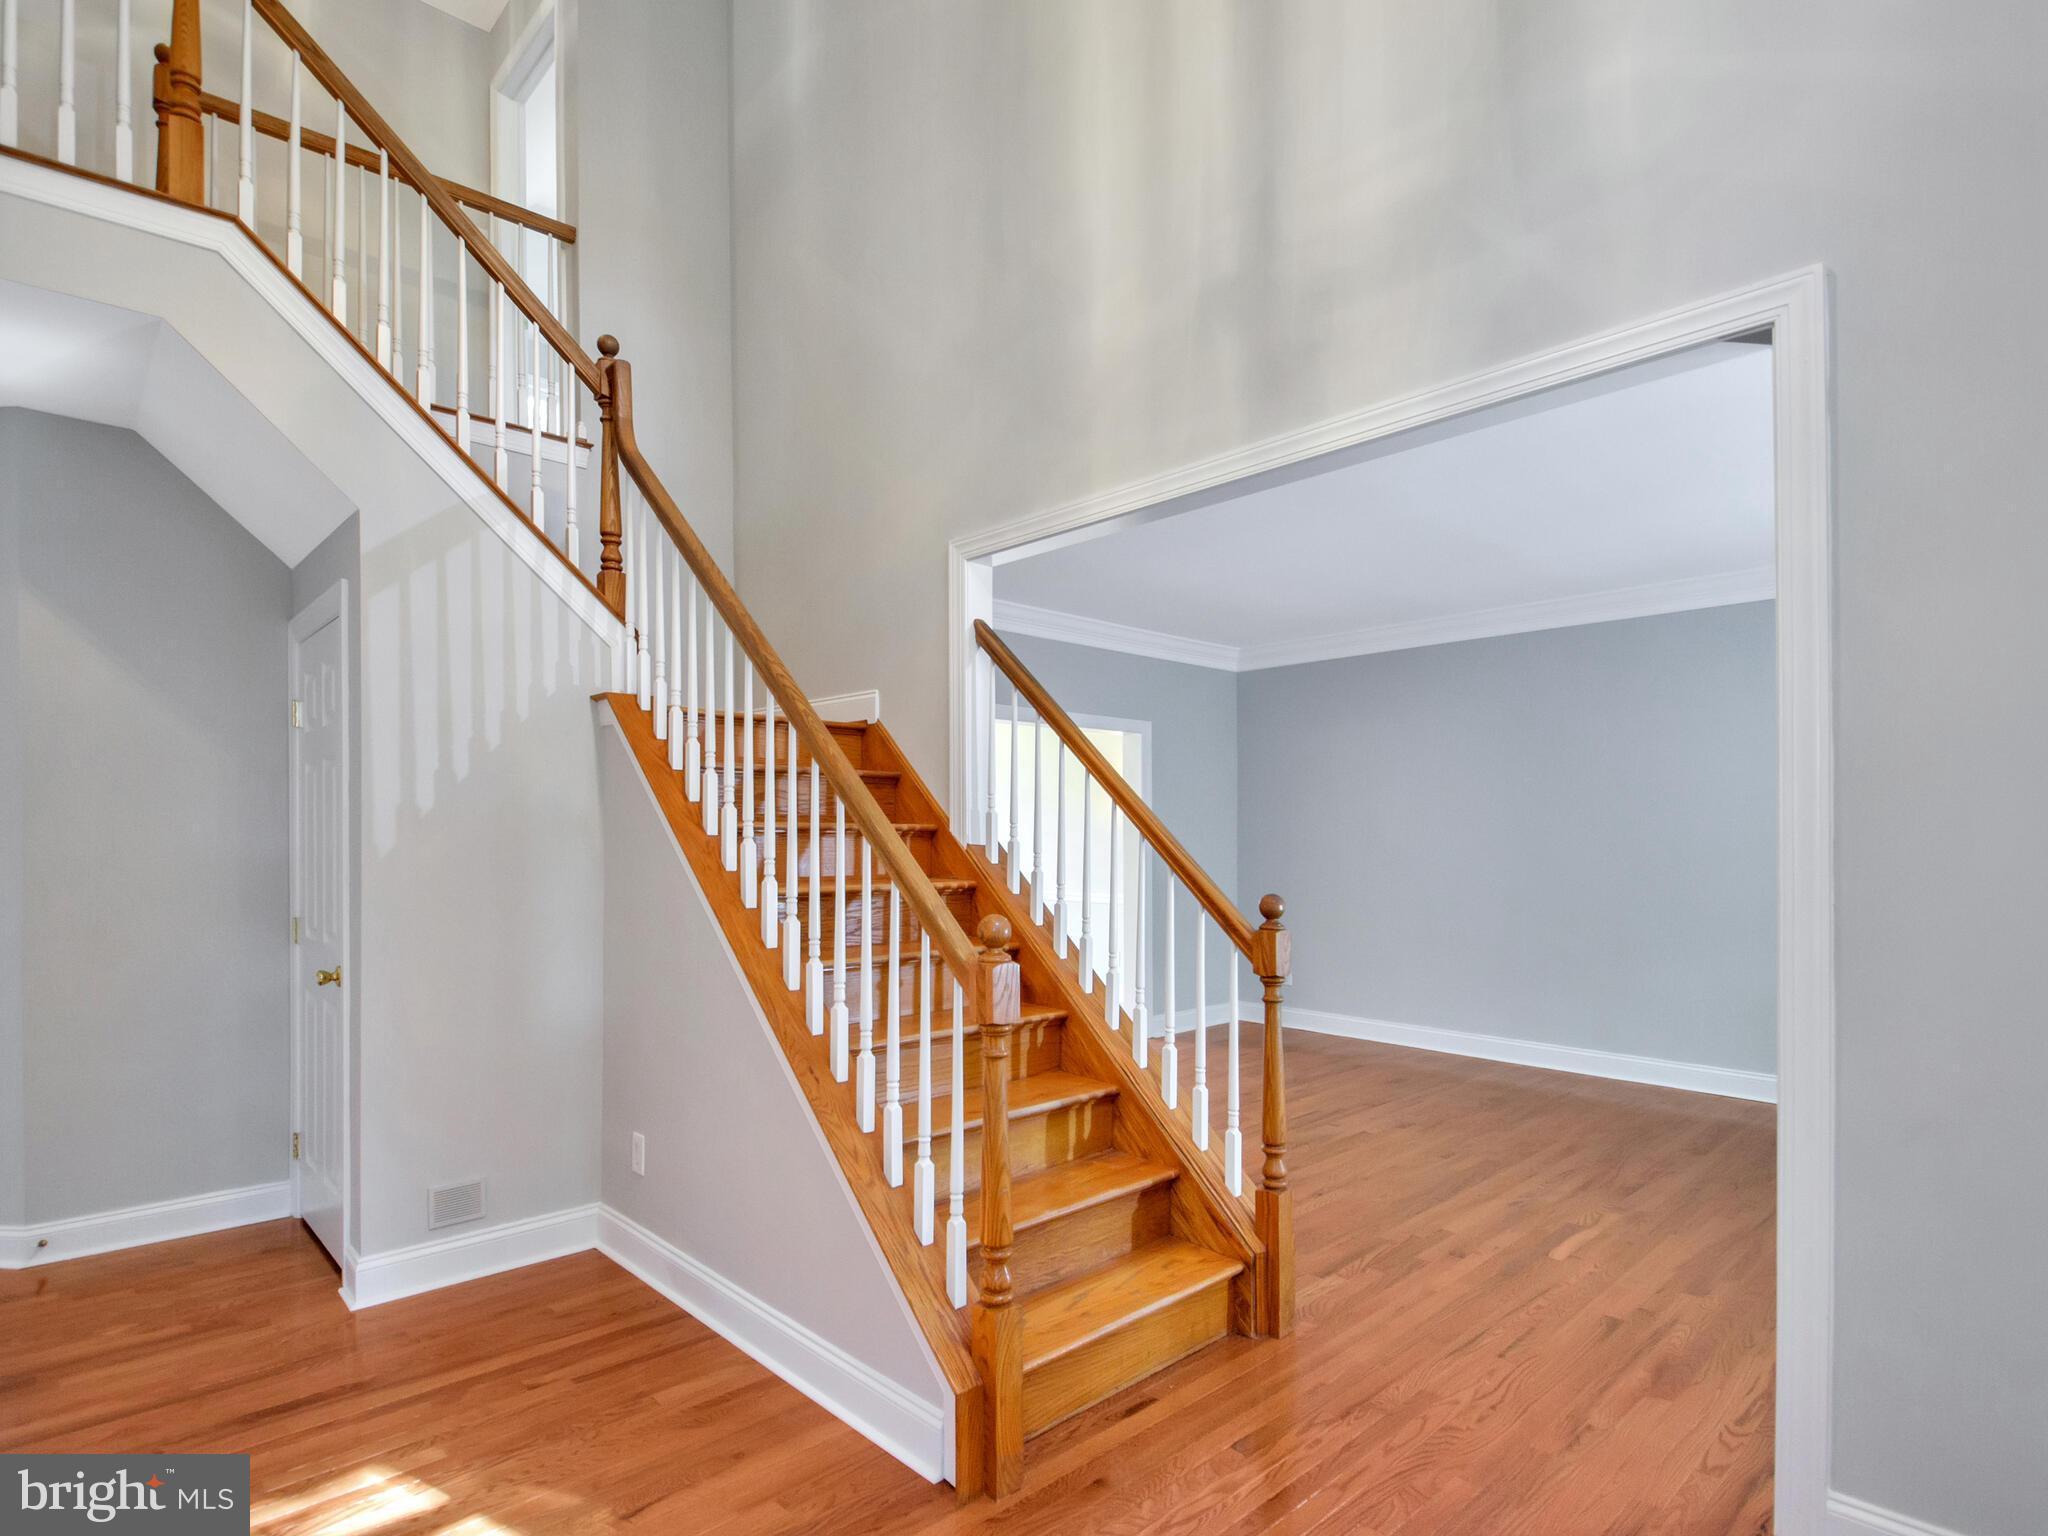 2-Story Elegant Foyer